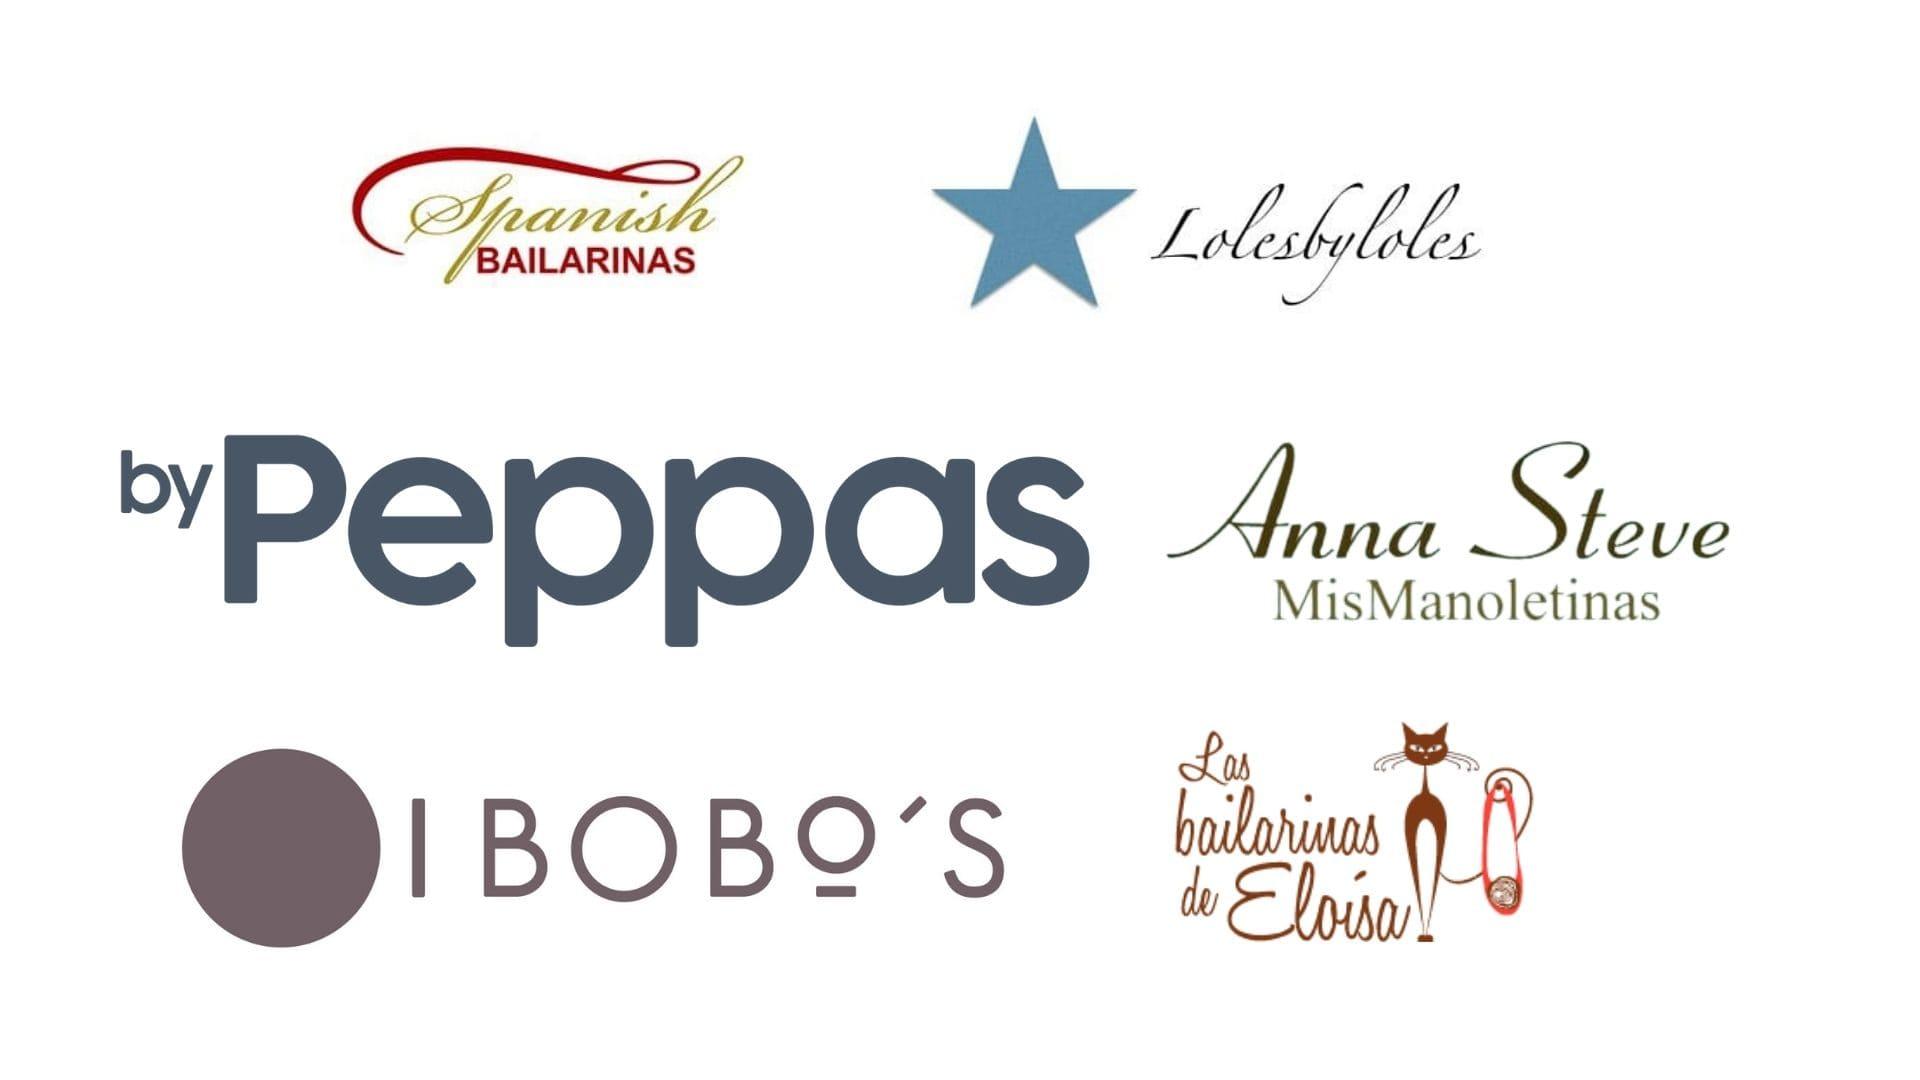 mejores-marcas-de-bailarinas-Espanolas